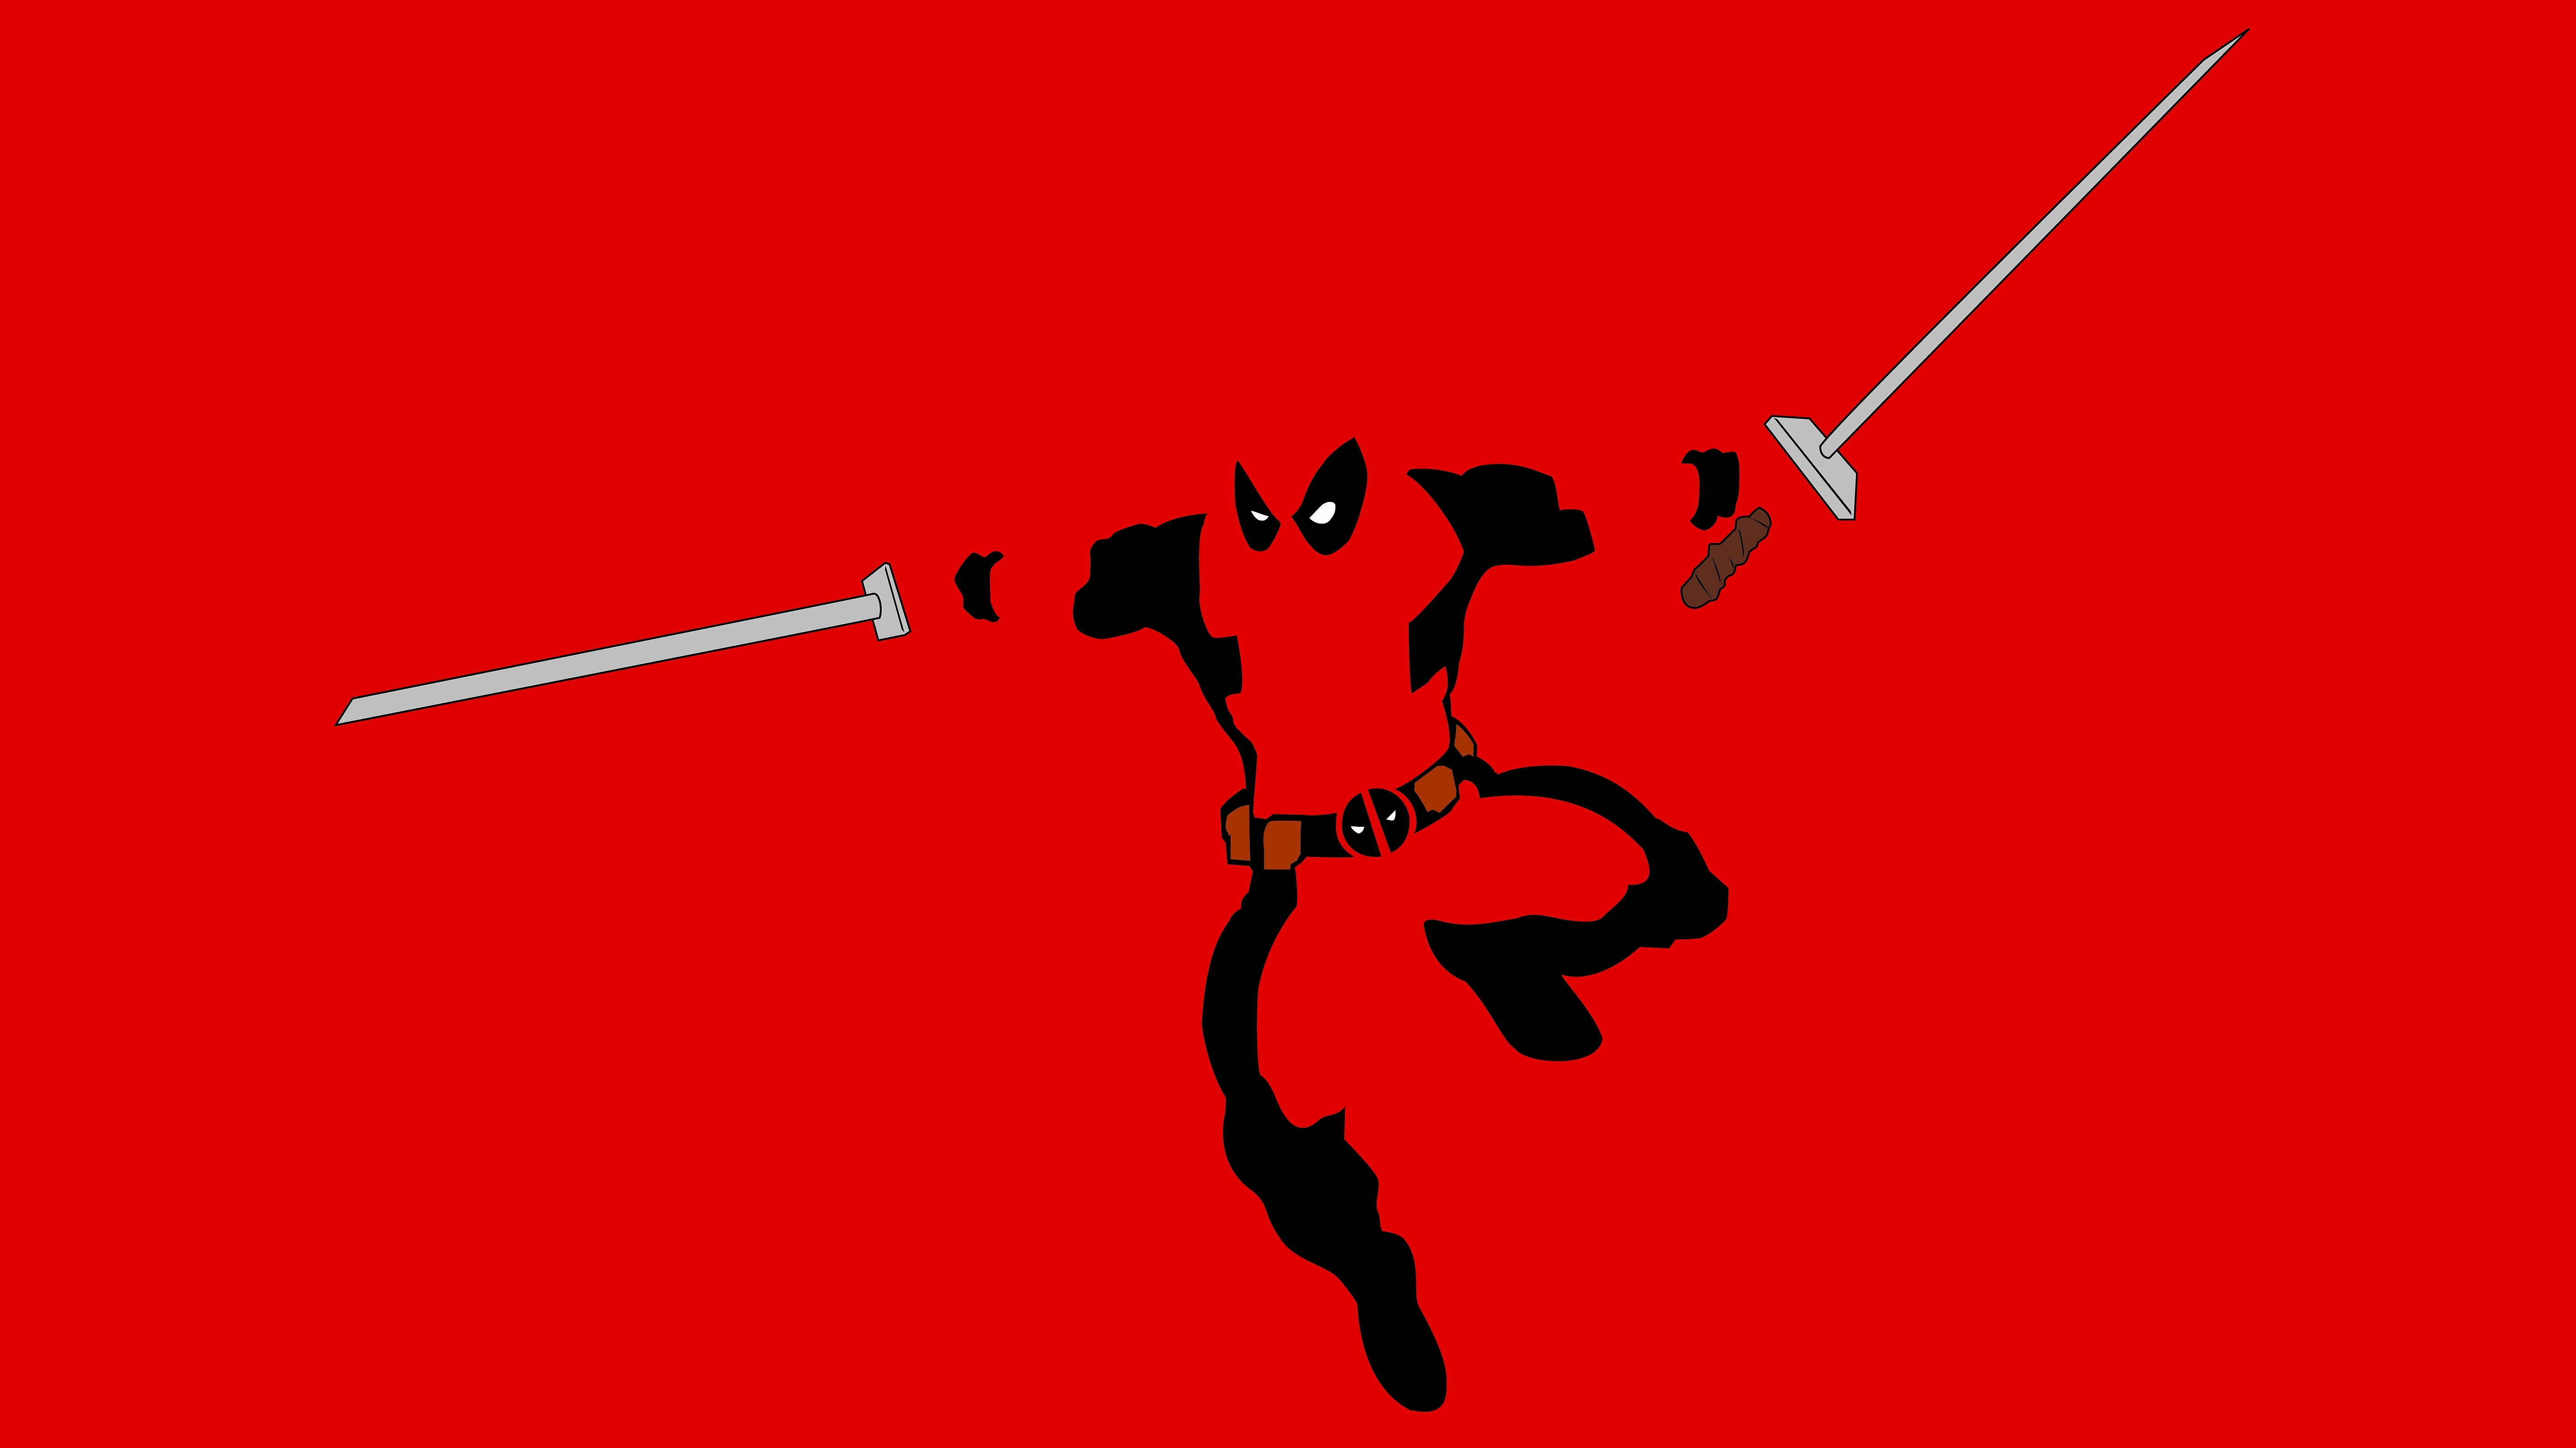 Batman Joker Quotes Mobile Wallpaper Comics Deadpool Wallpaper Download Free Pixelstalk Net